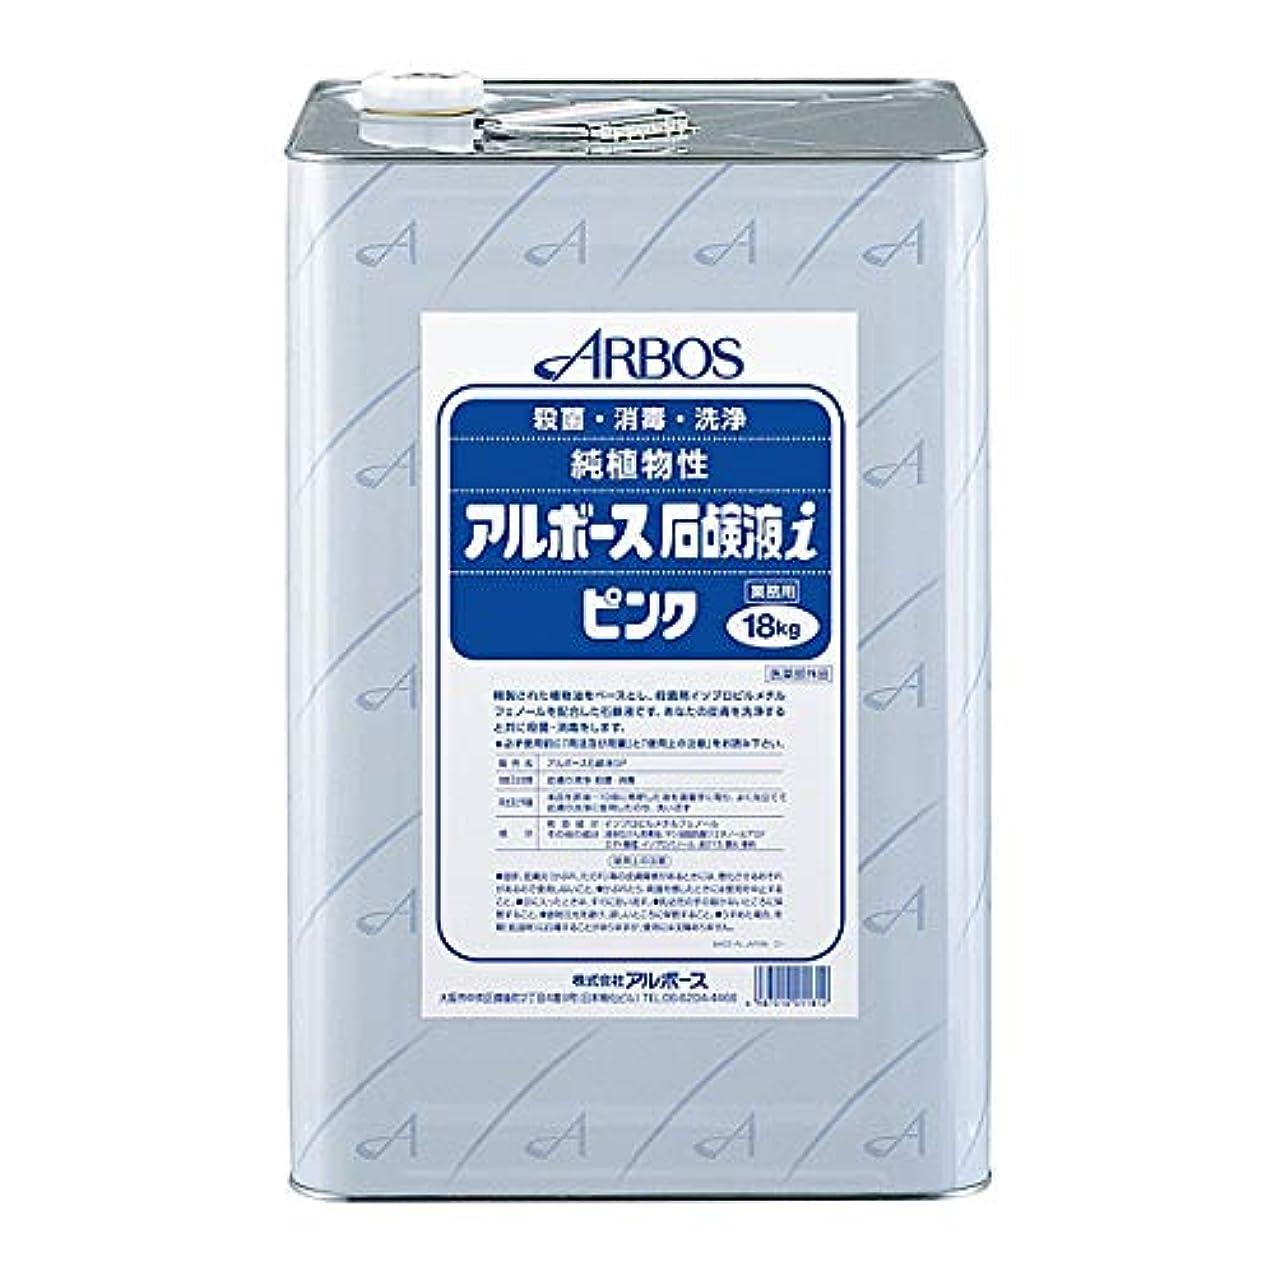 核言うまでもなく新しい意味【清潔キレイ館】アルボース石鹸液i ピンク(18L)+つめブラシ1個 オマケ付